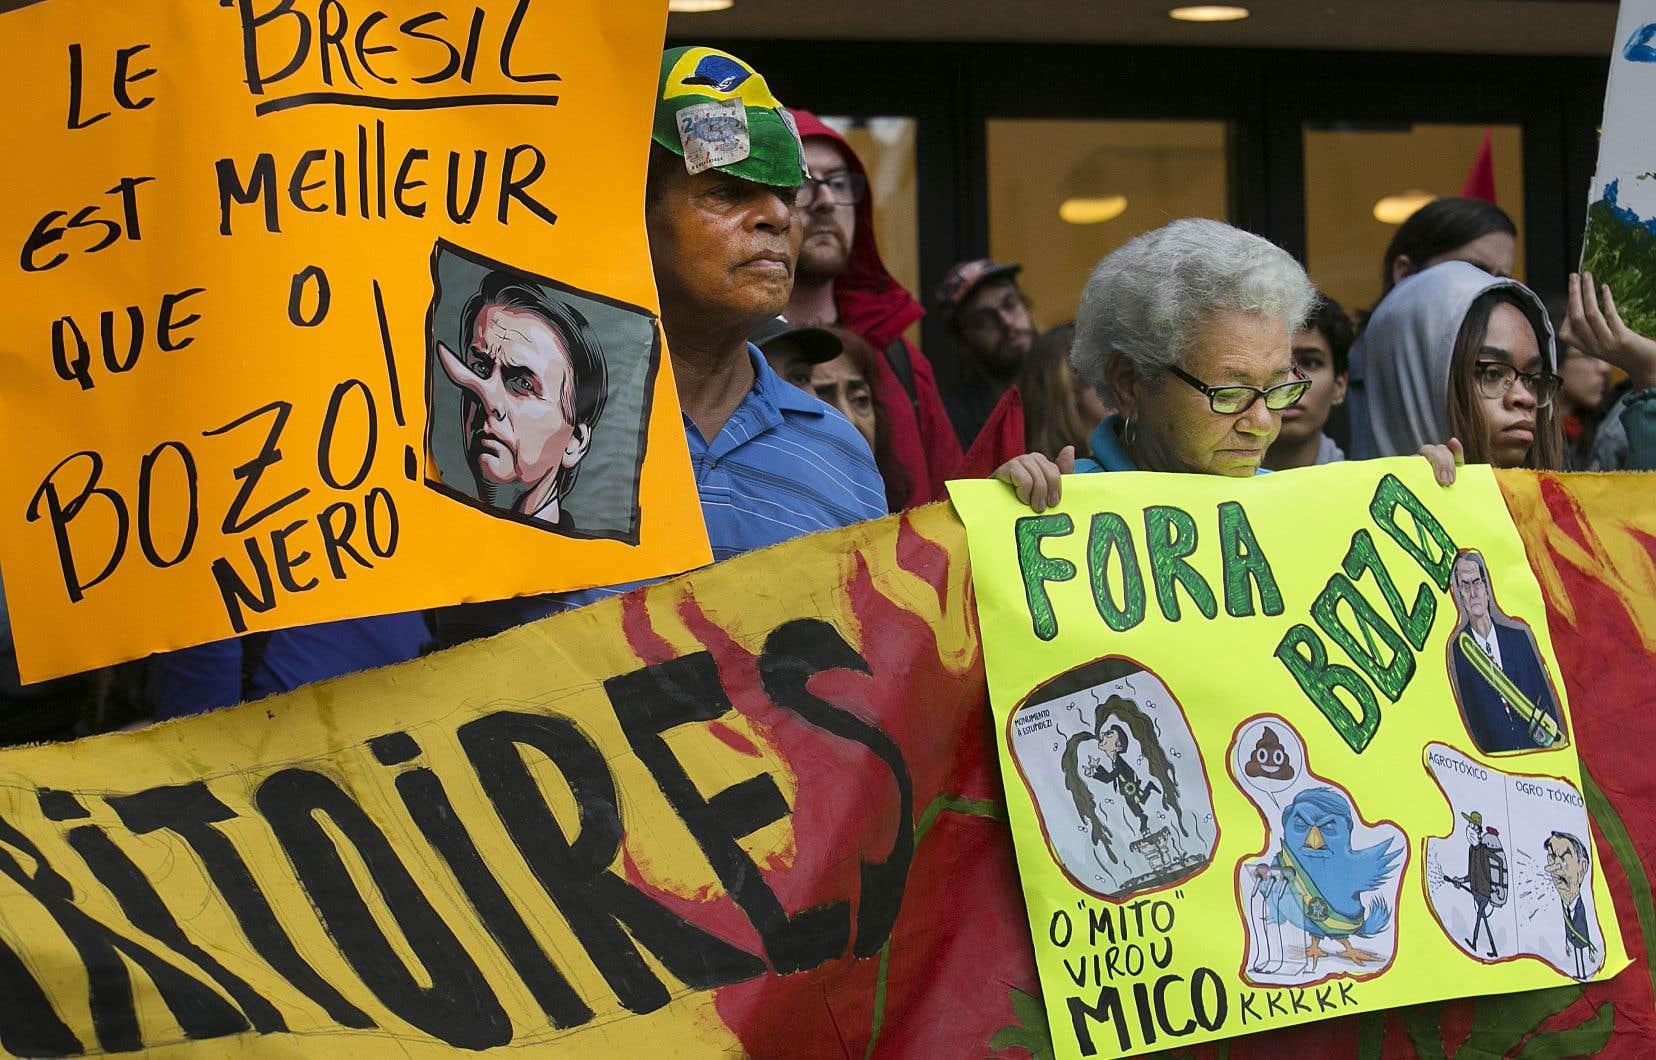 Des dizaines de personnes se sont rassemblées pour protester contre les politiques du président Jair Bolsonaro devant le consulat du Brésil à Montréal, mercredi soir.